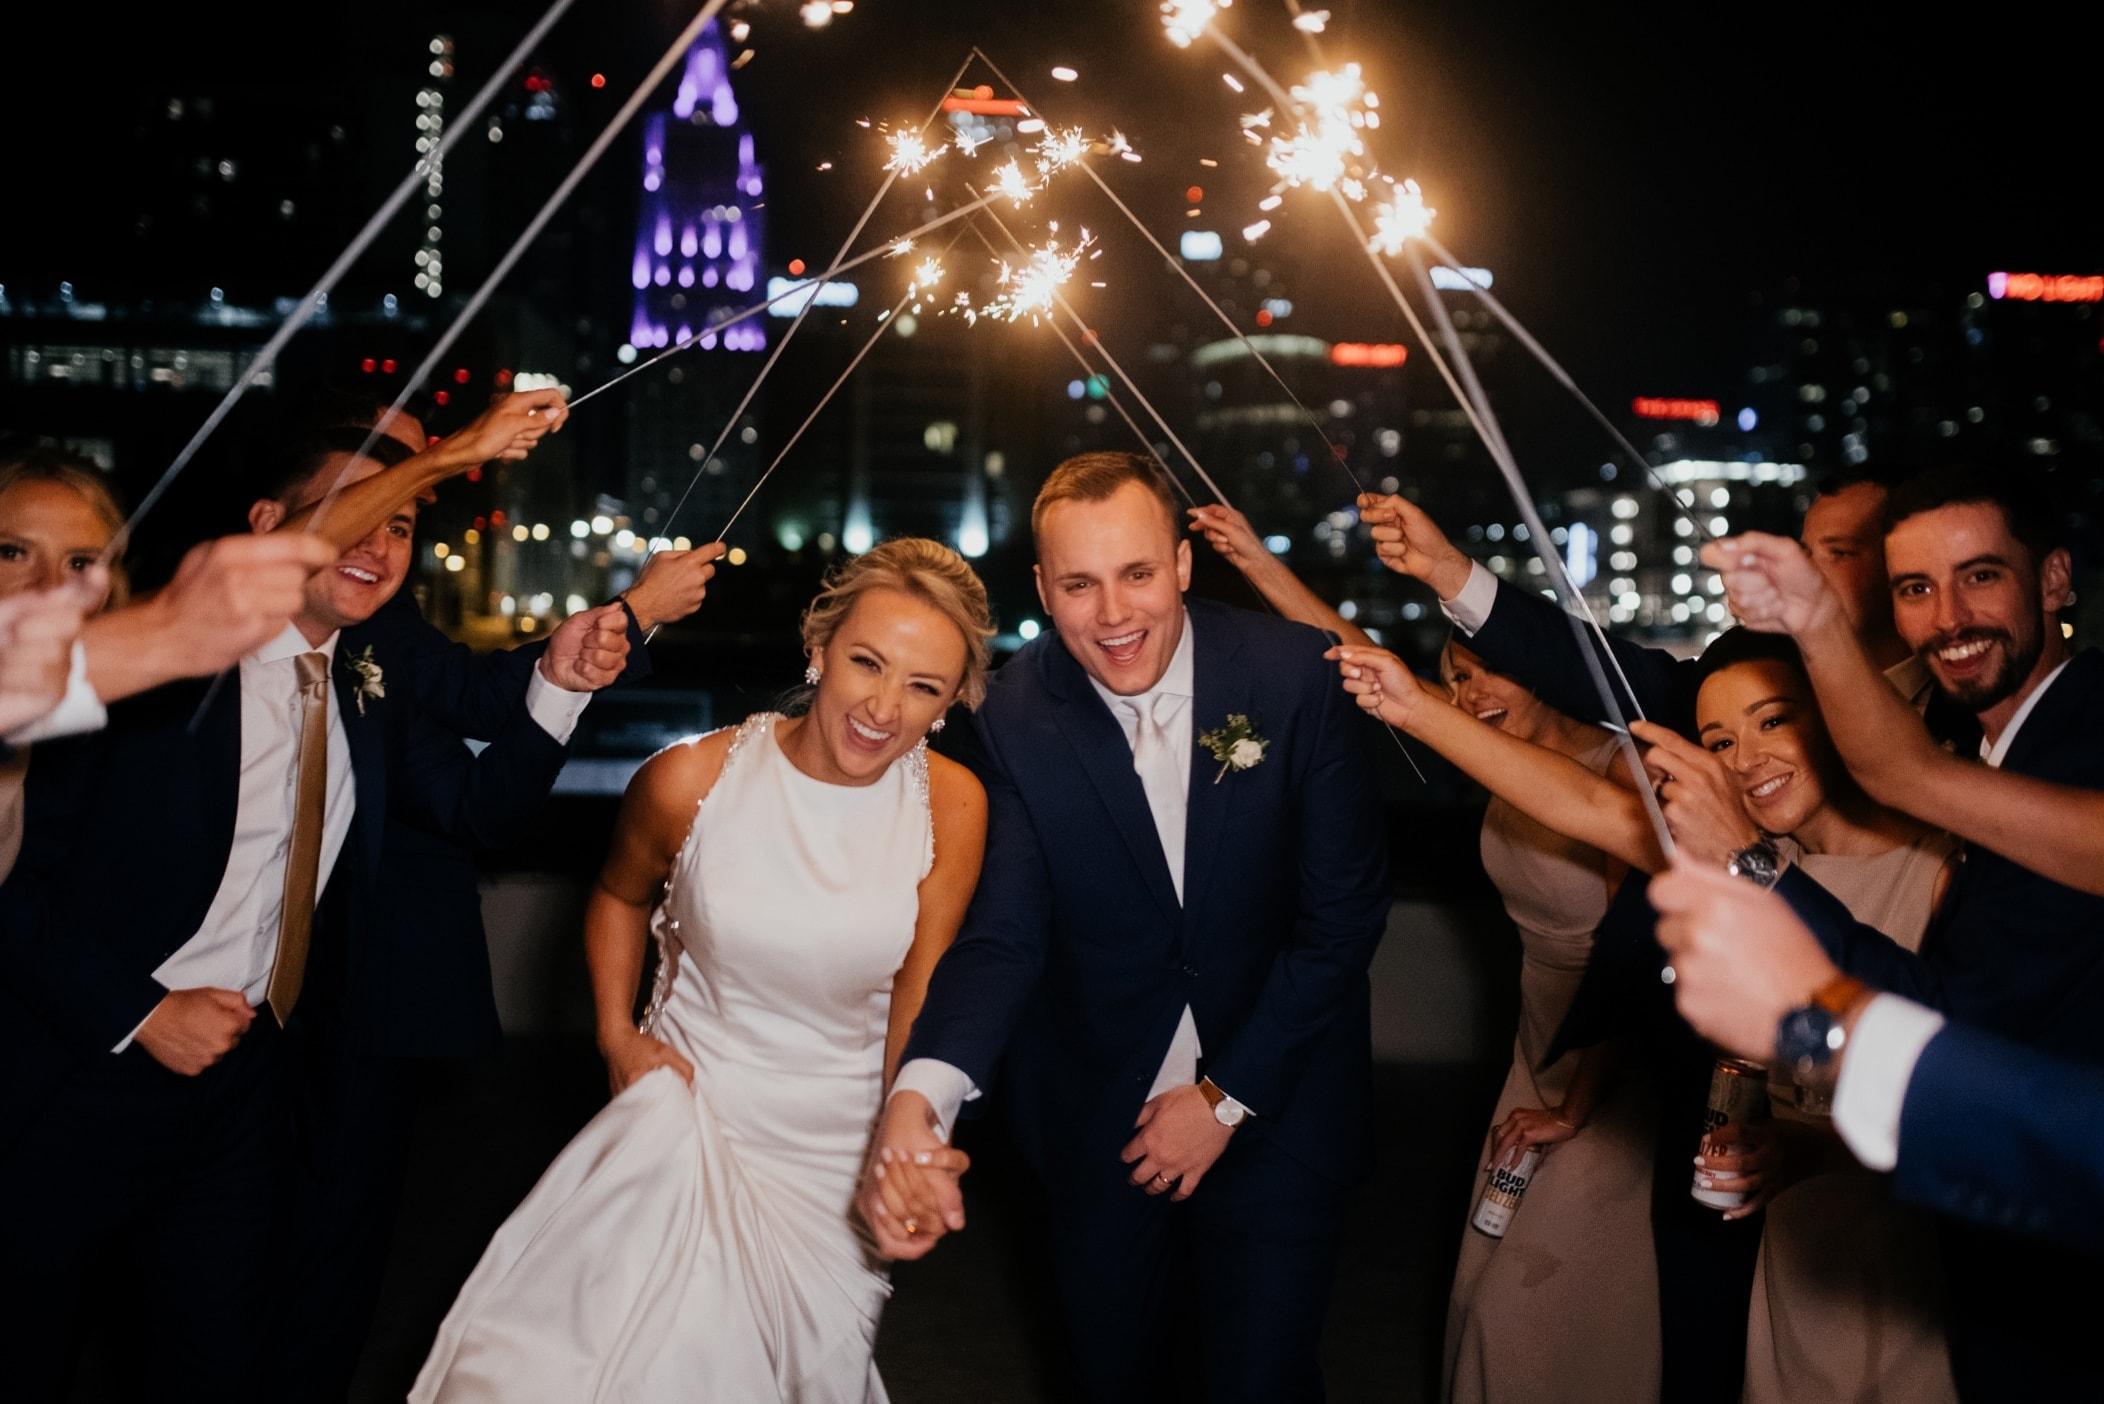 sparkler exit at union kansas city wedding